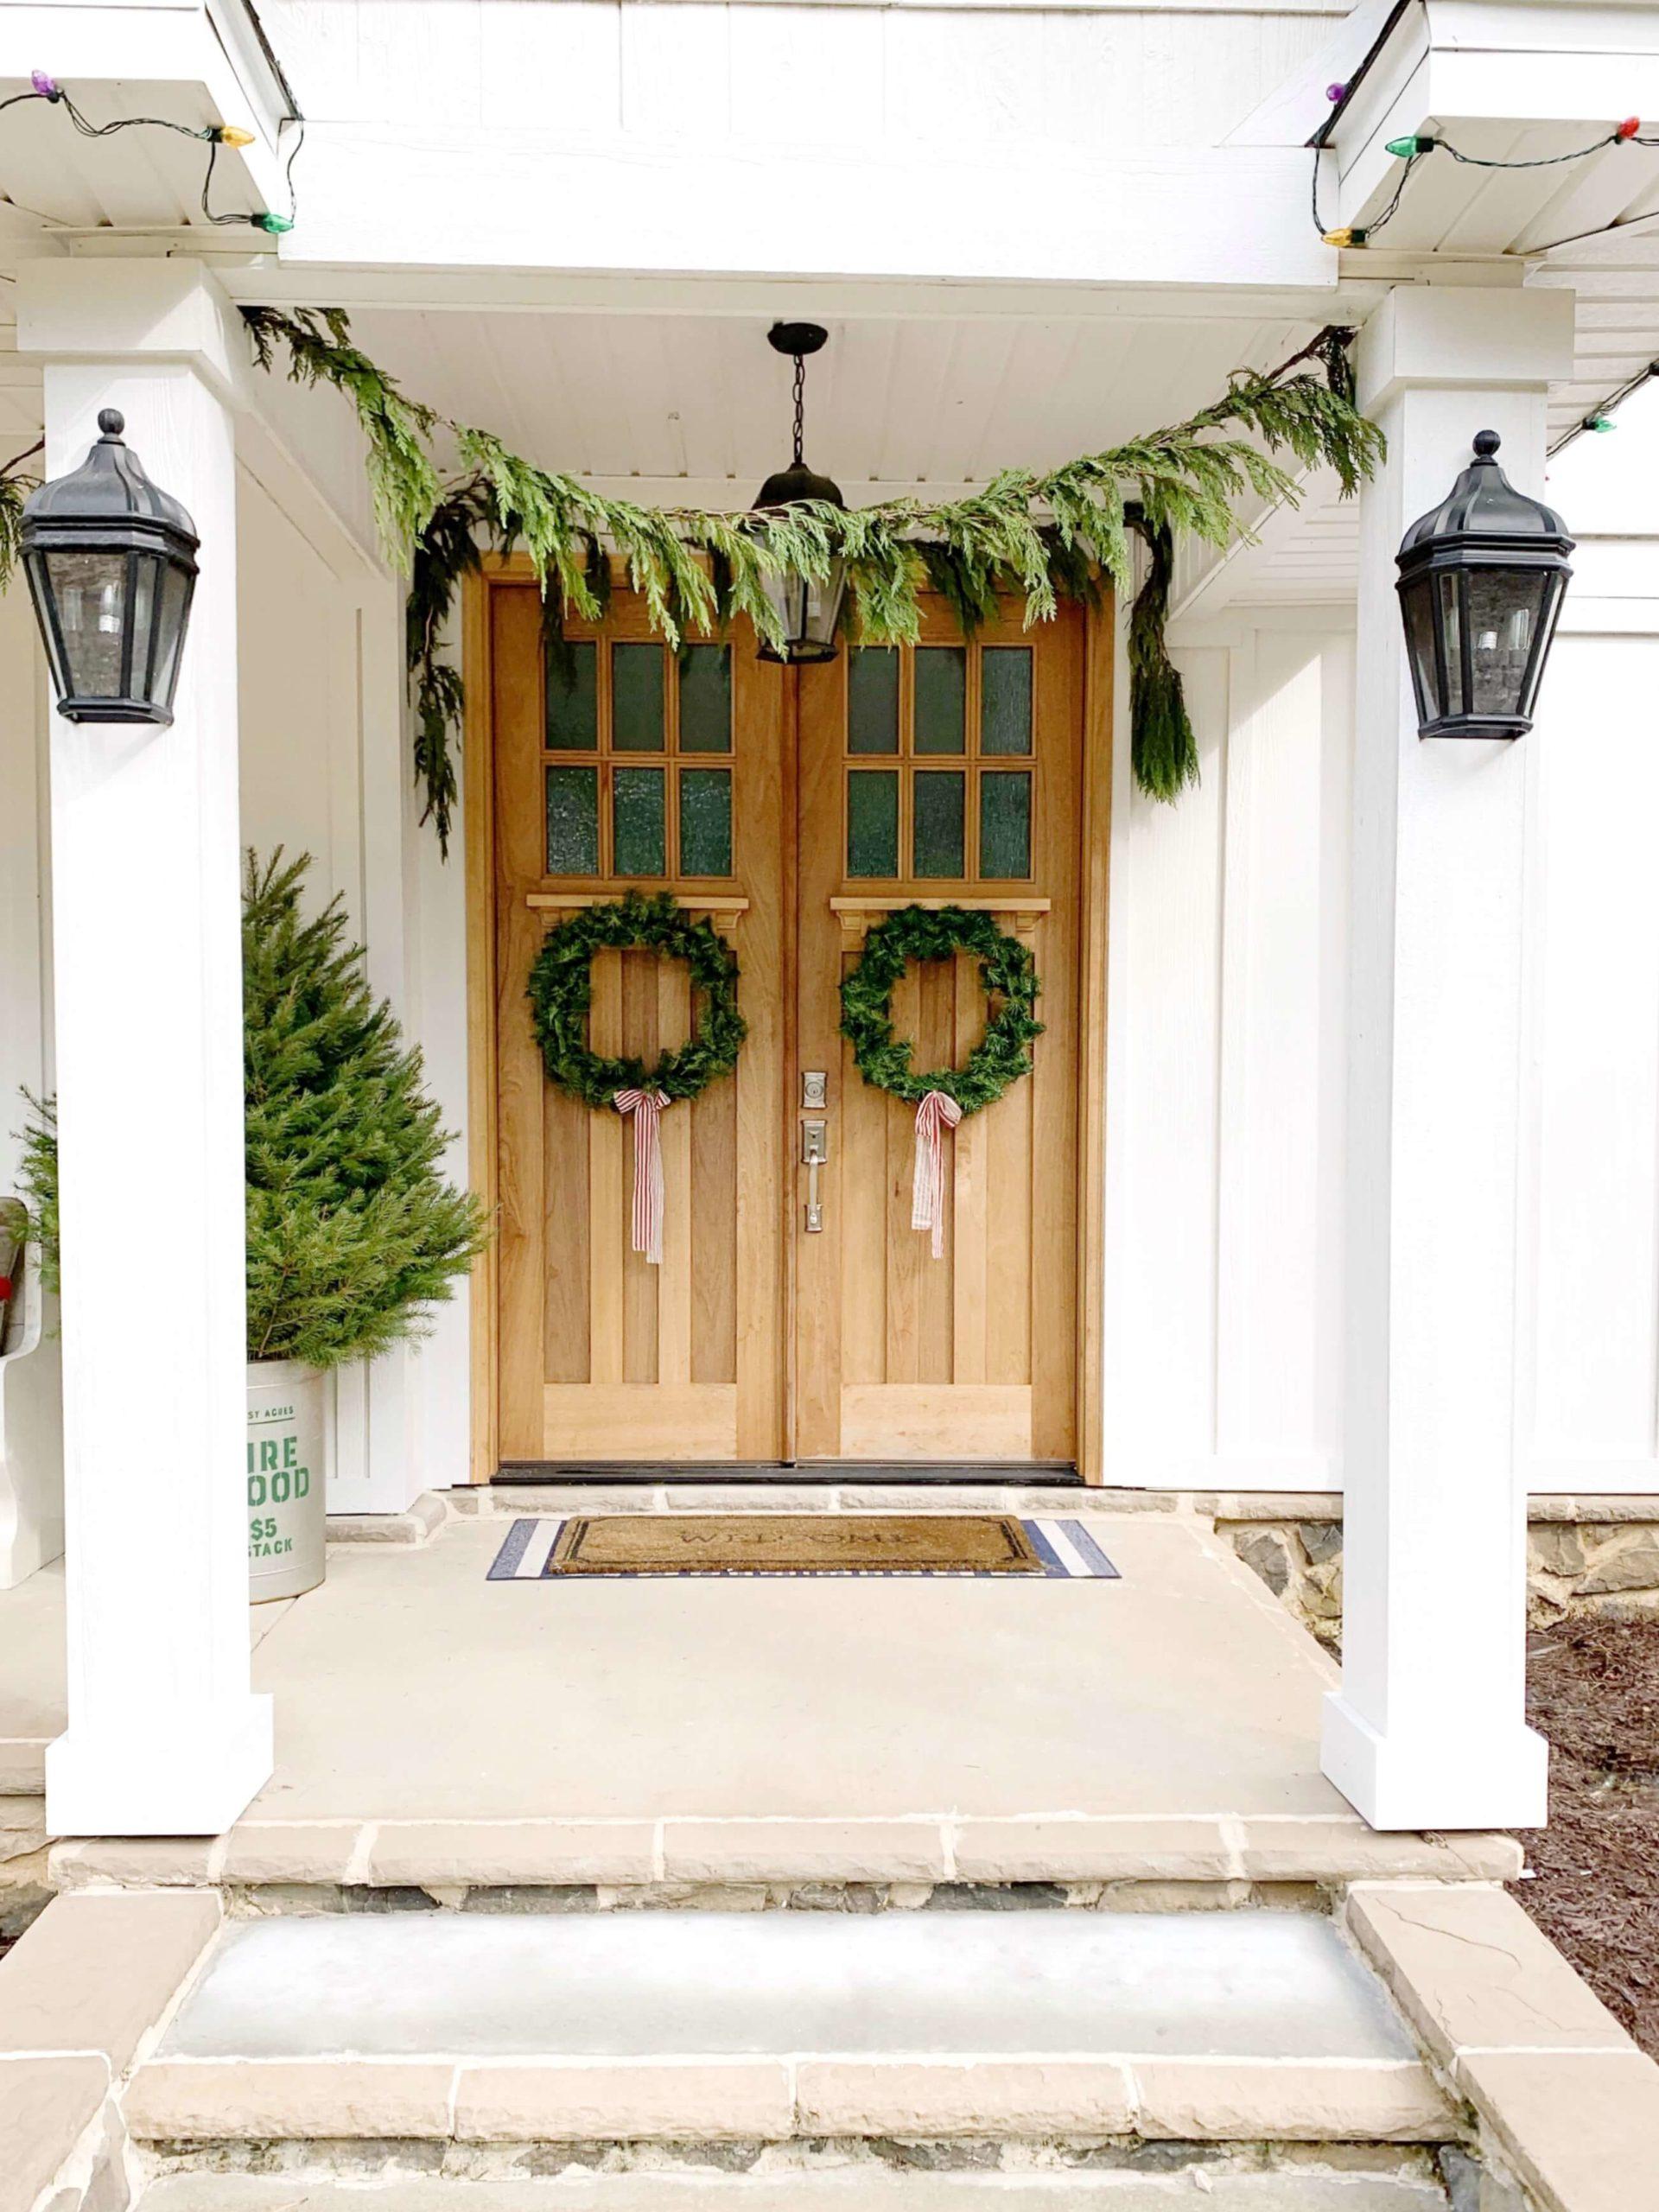 Scandinavian Christmas wreaths hunt on the front door.